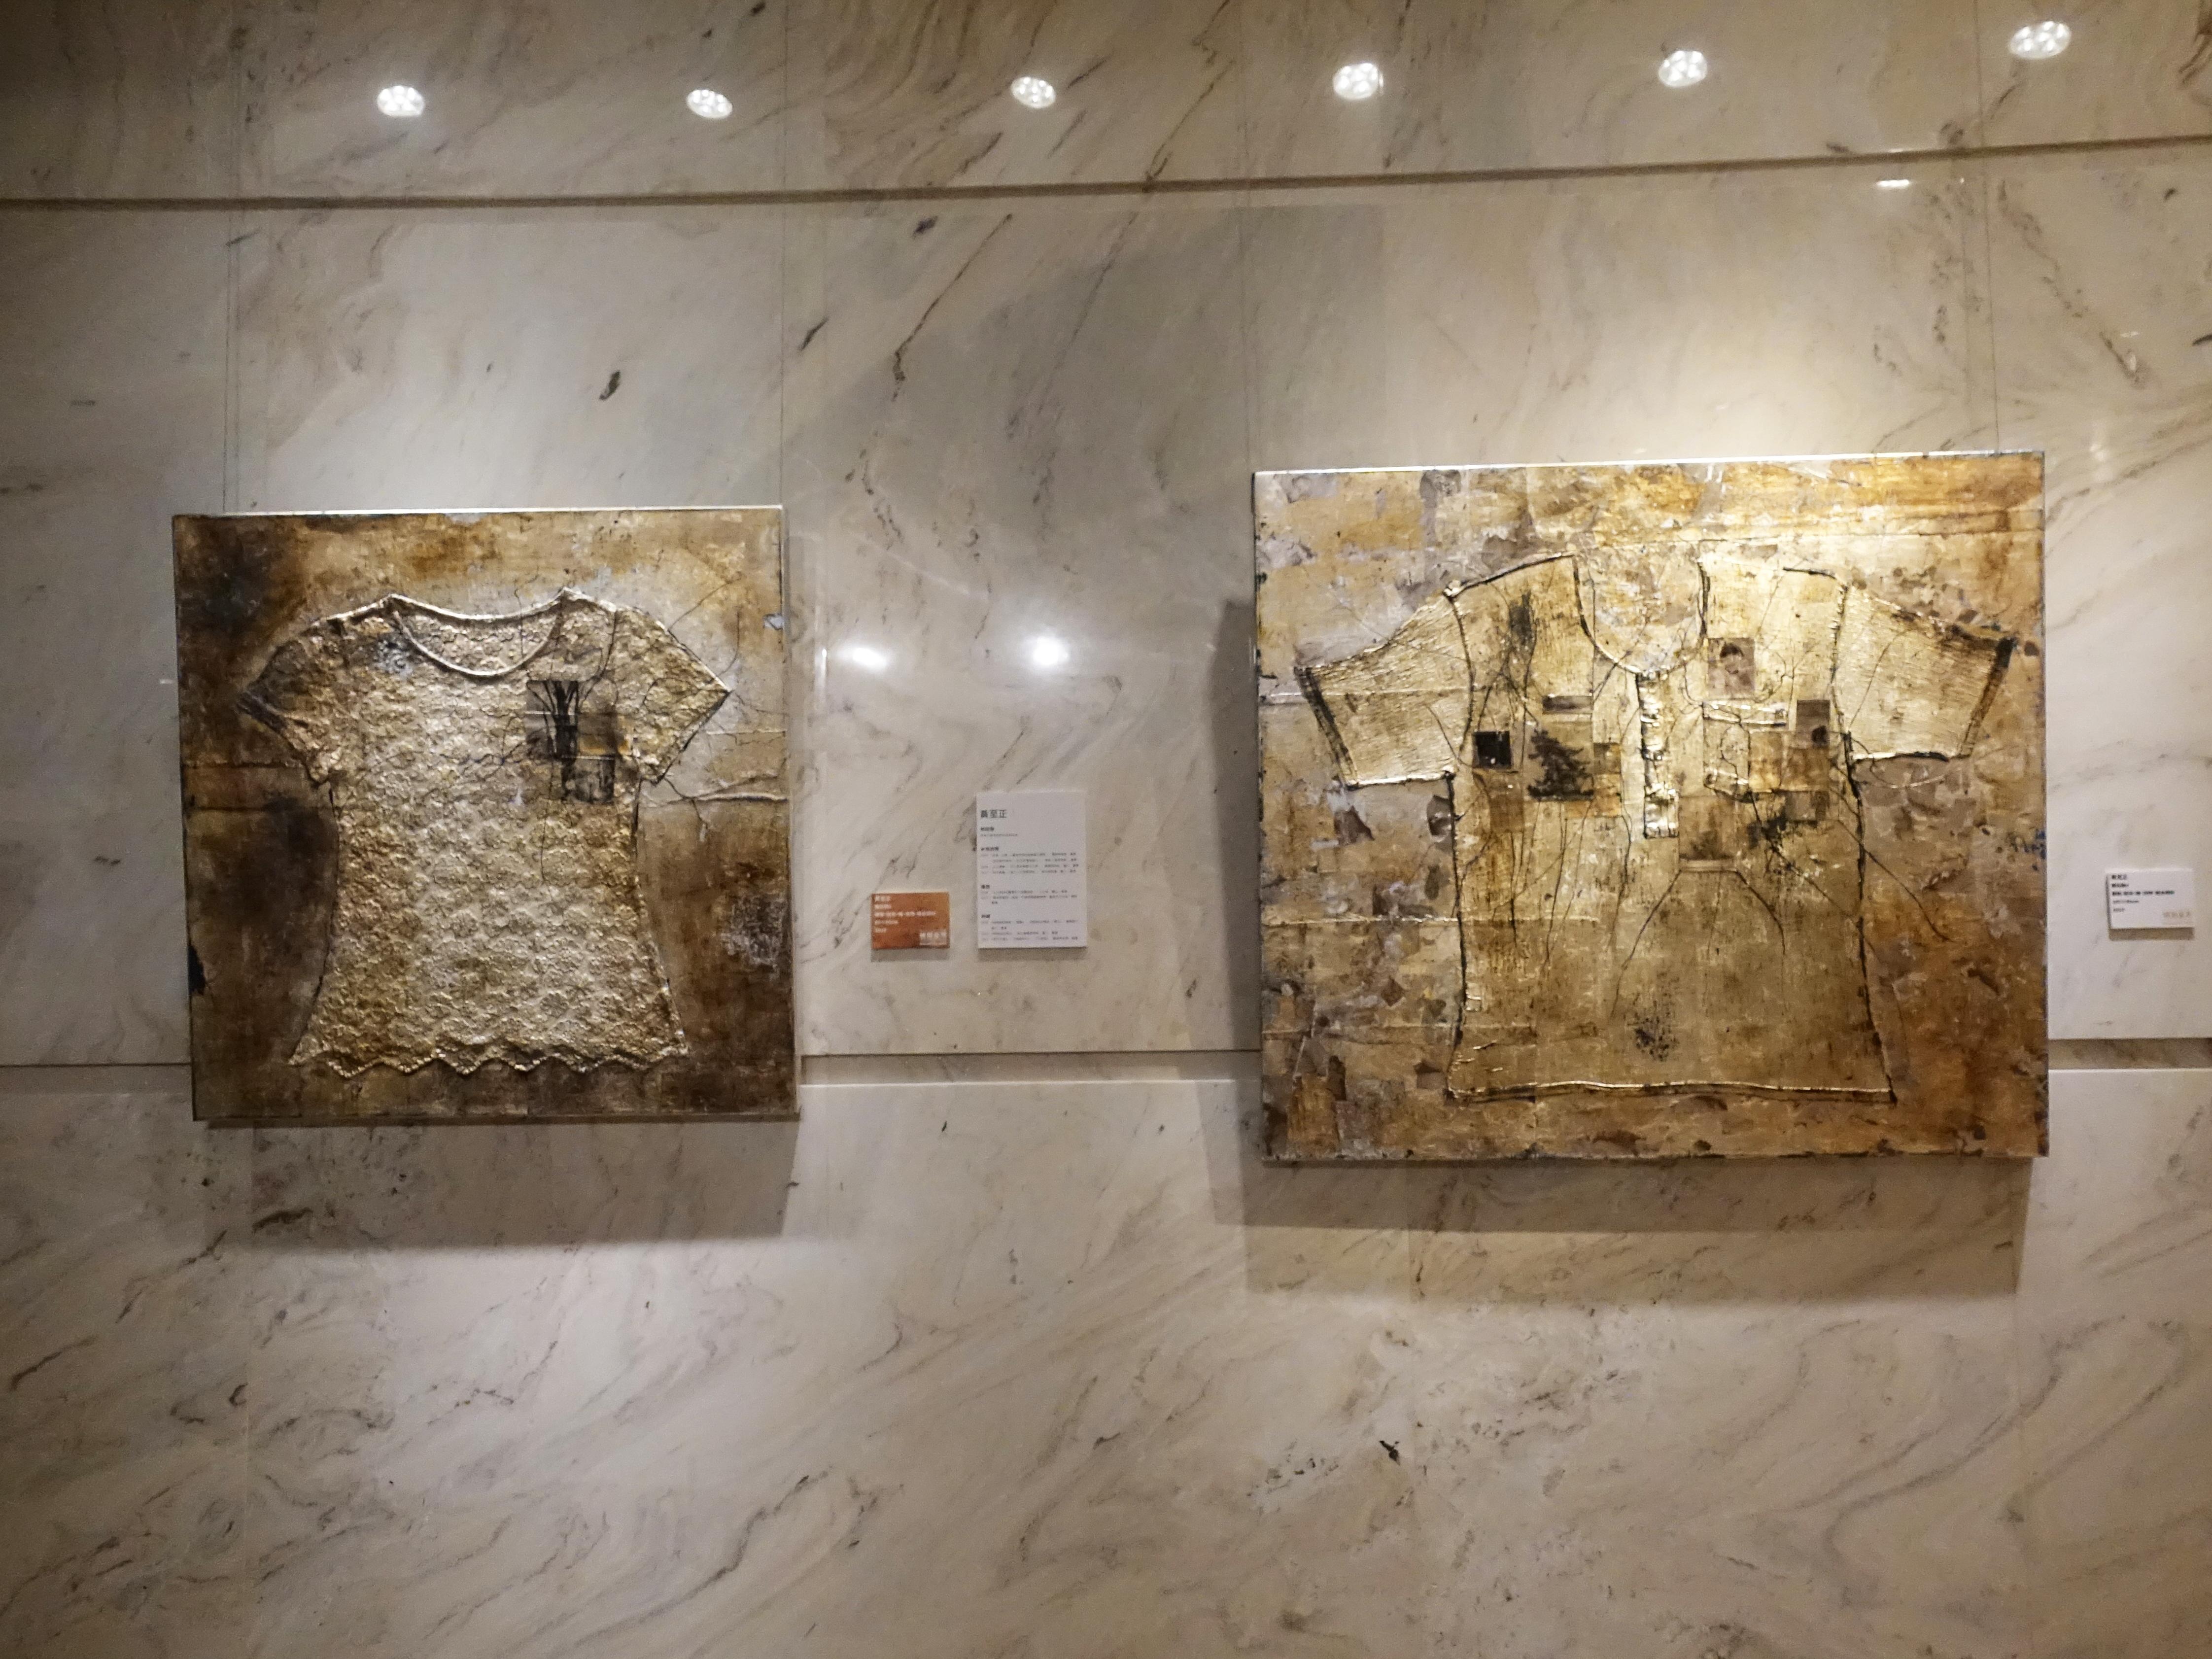 王道銀行基金會展出入圍者黃至正《備忘錄》系列作品。